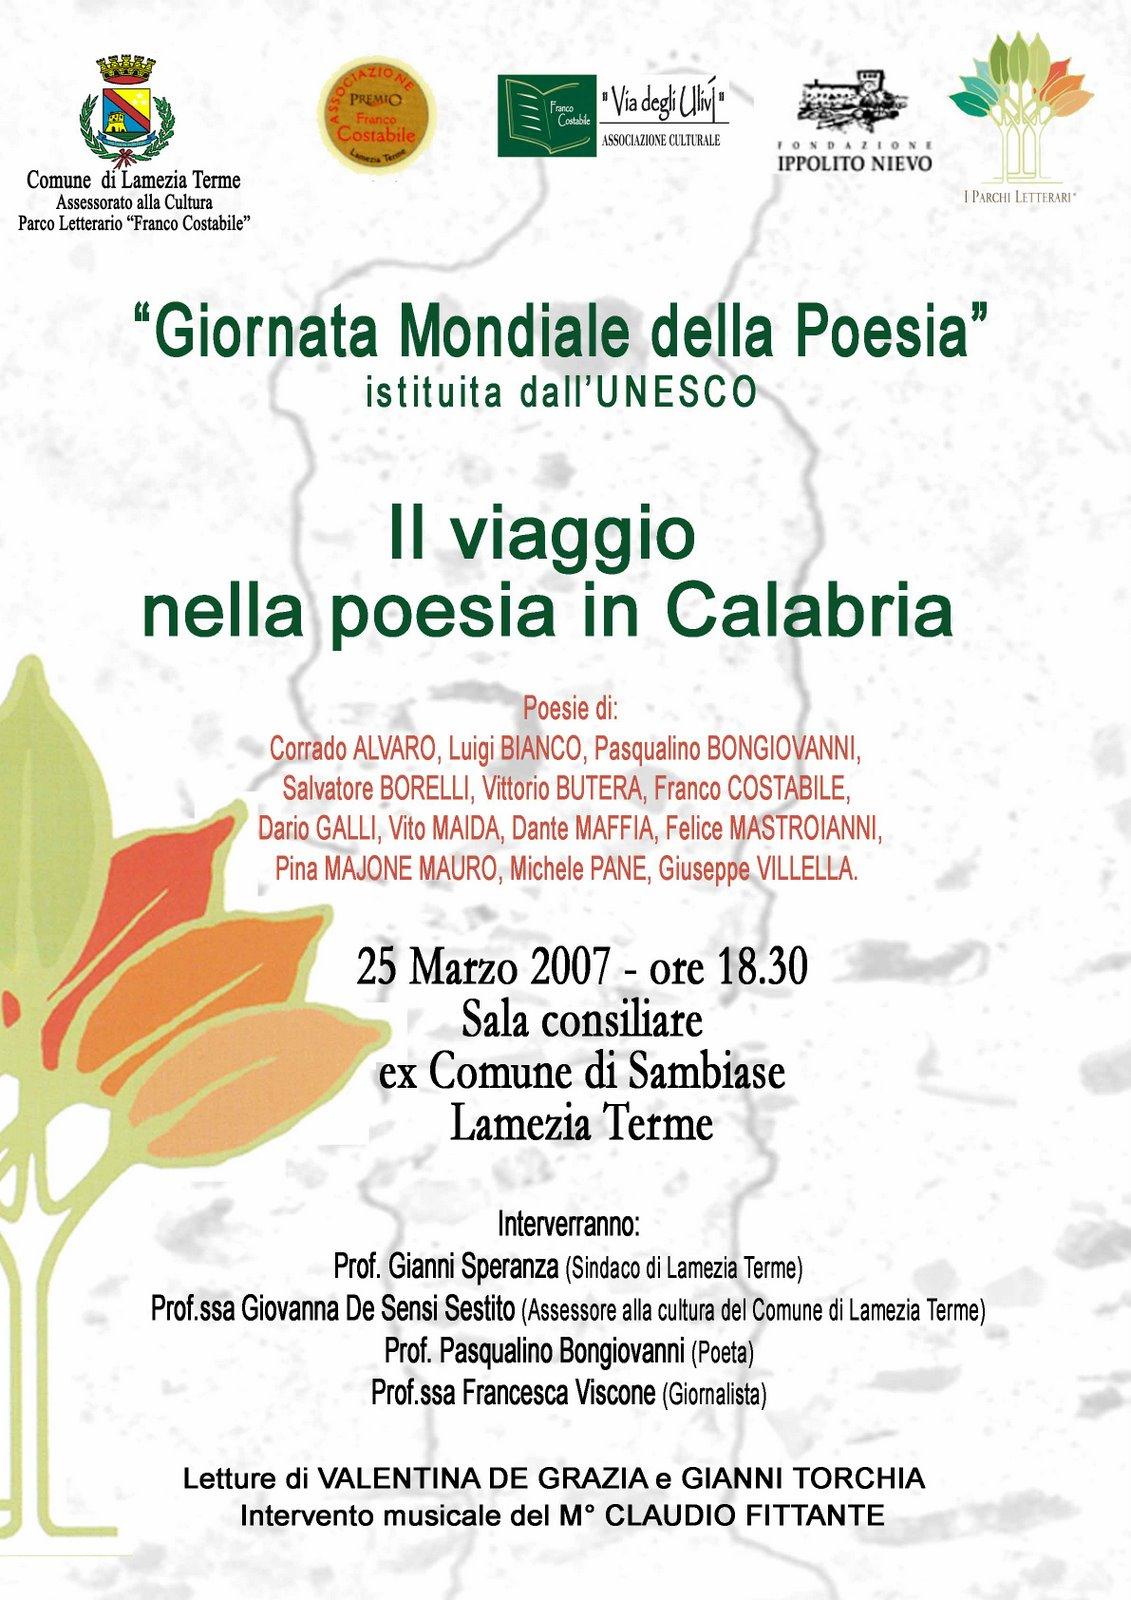 Giornata Poesia Unesco